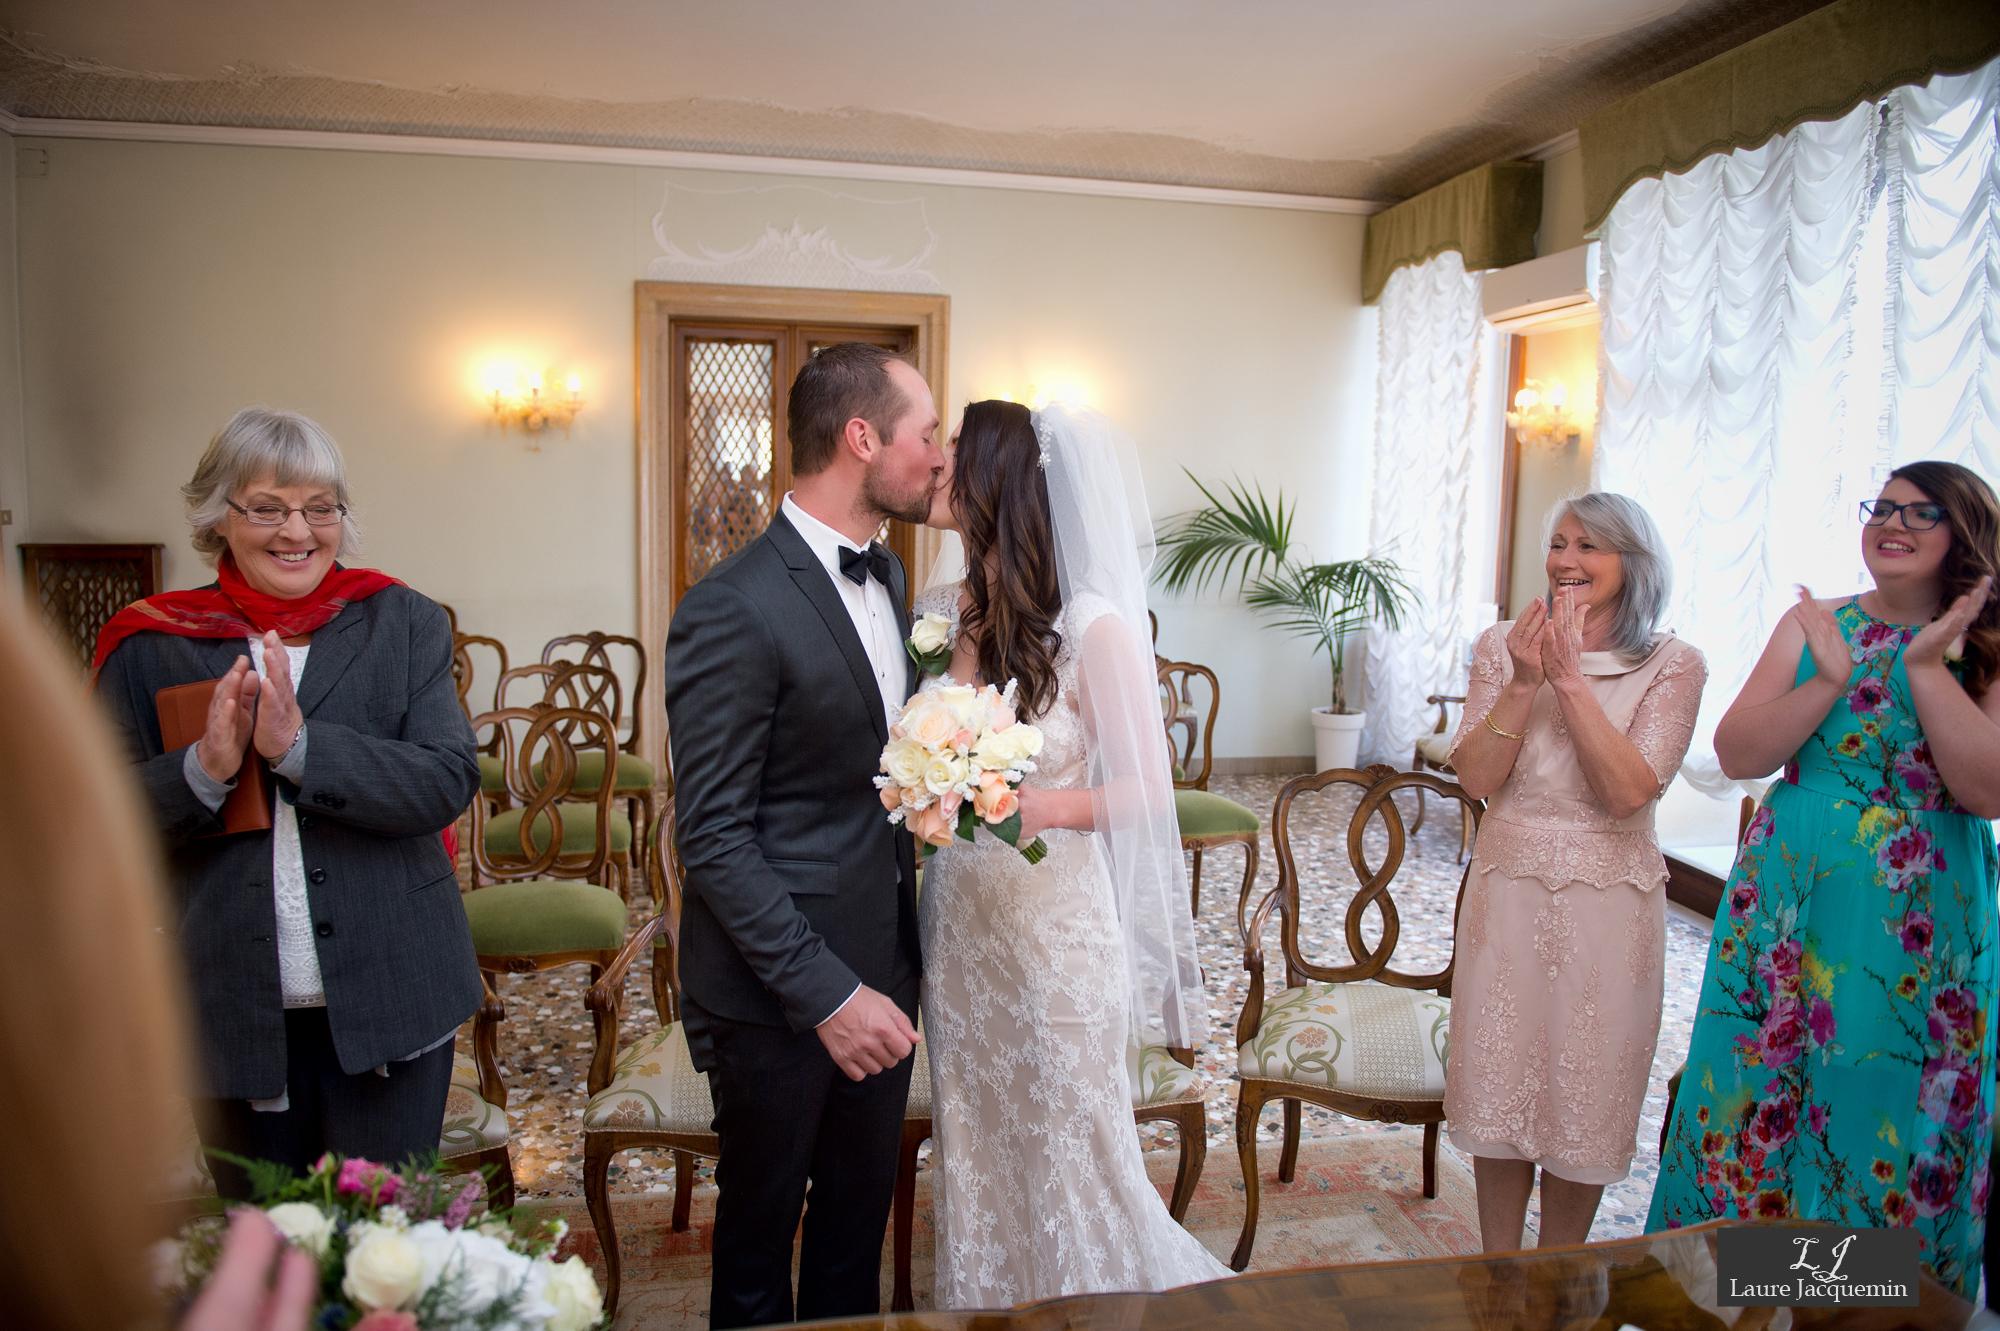 photographe mariage laure jacquemin palazzo cavalli service photographique (18)